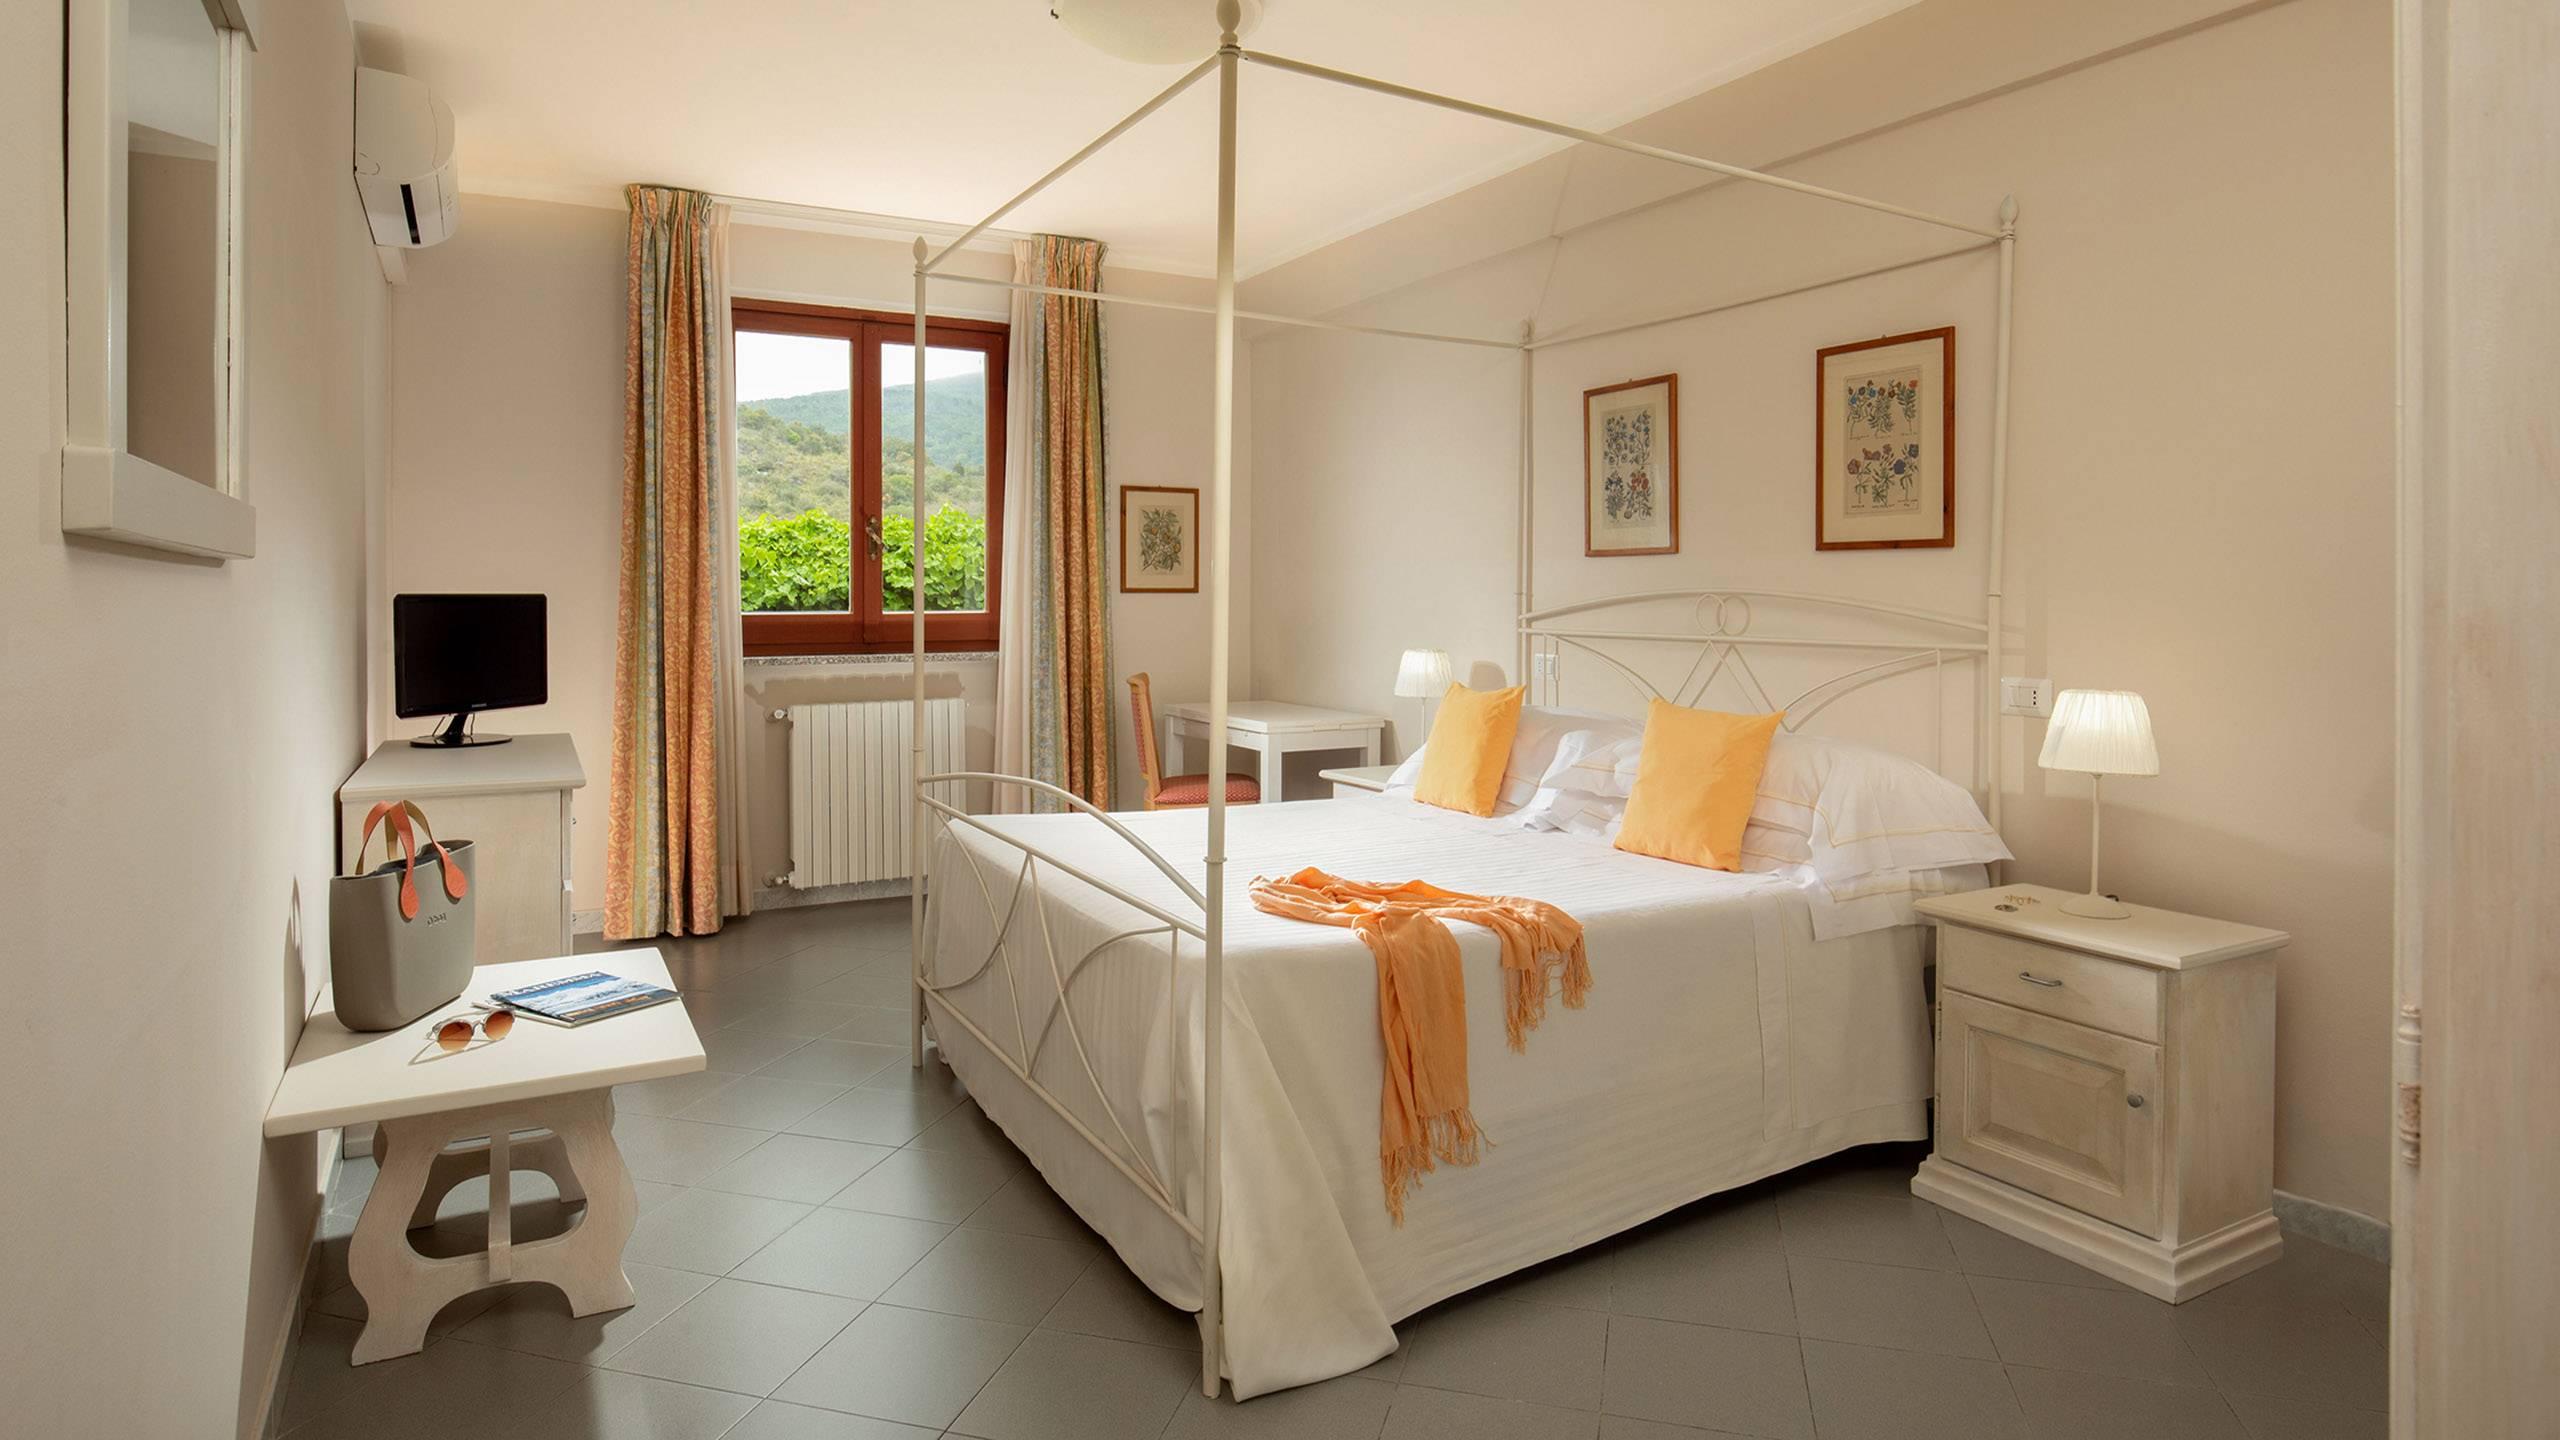 Hotel-Residence-Valle-del-Buttero-Capalbio-Camere-2021-Matrimoniale-Doppia-Letto-2